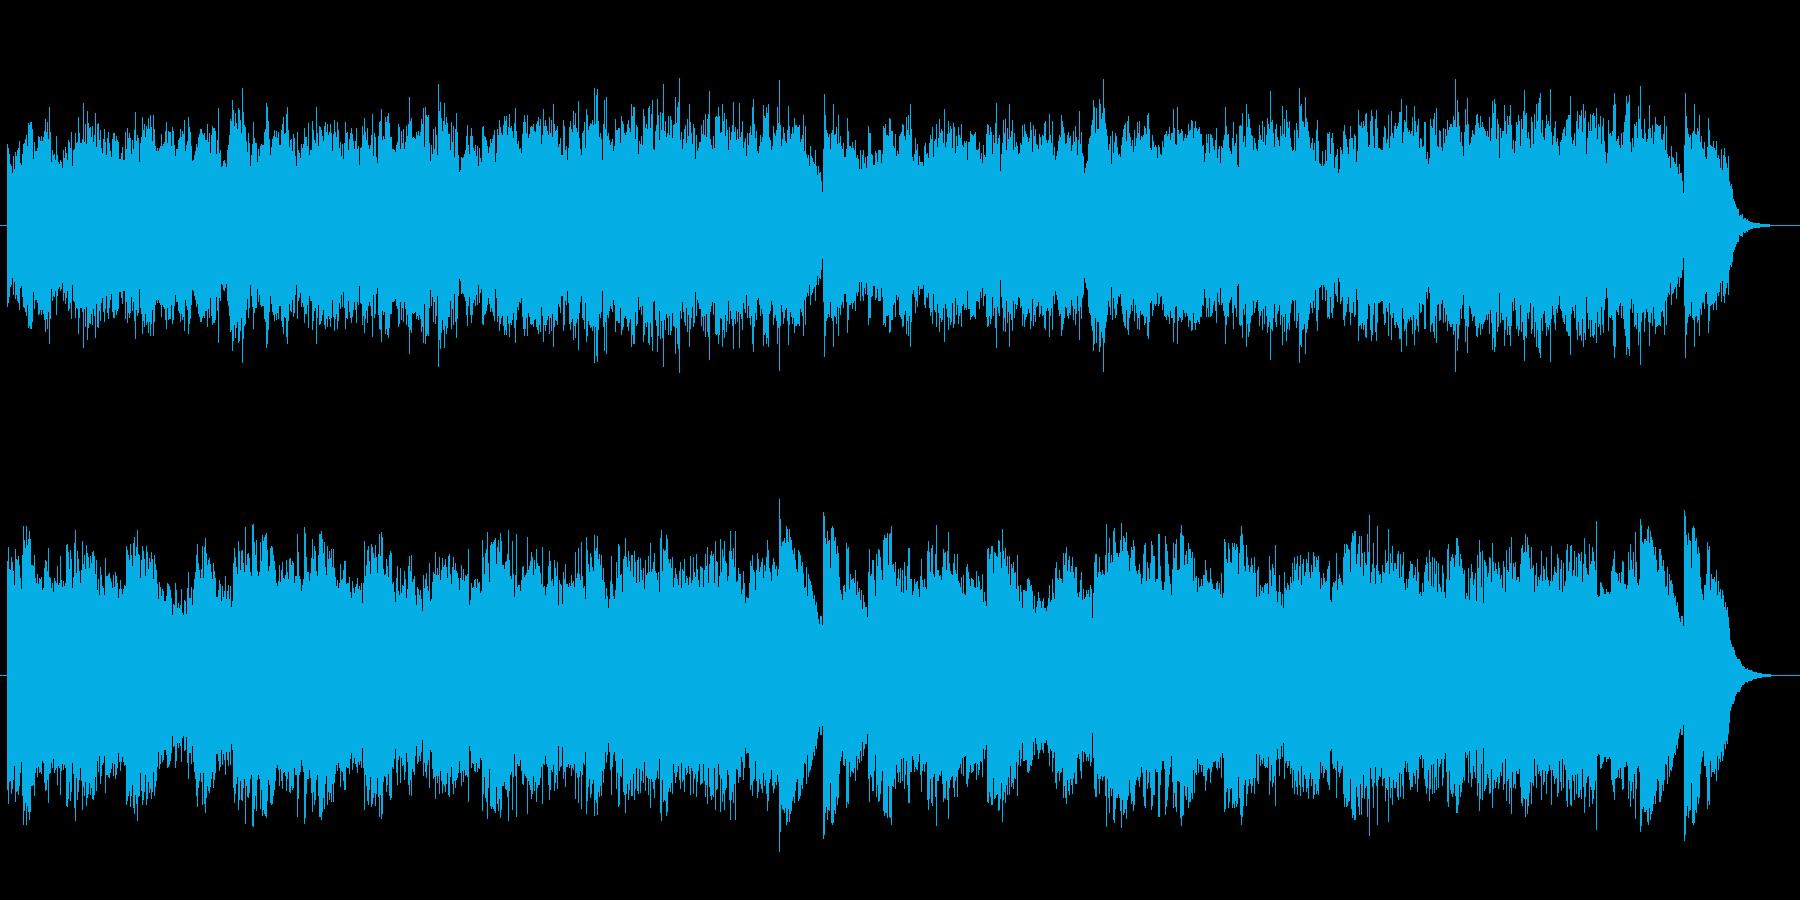 不気味な雰囲気のオーケストラの再生済みの波形